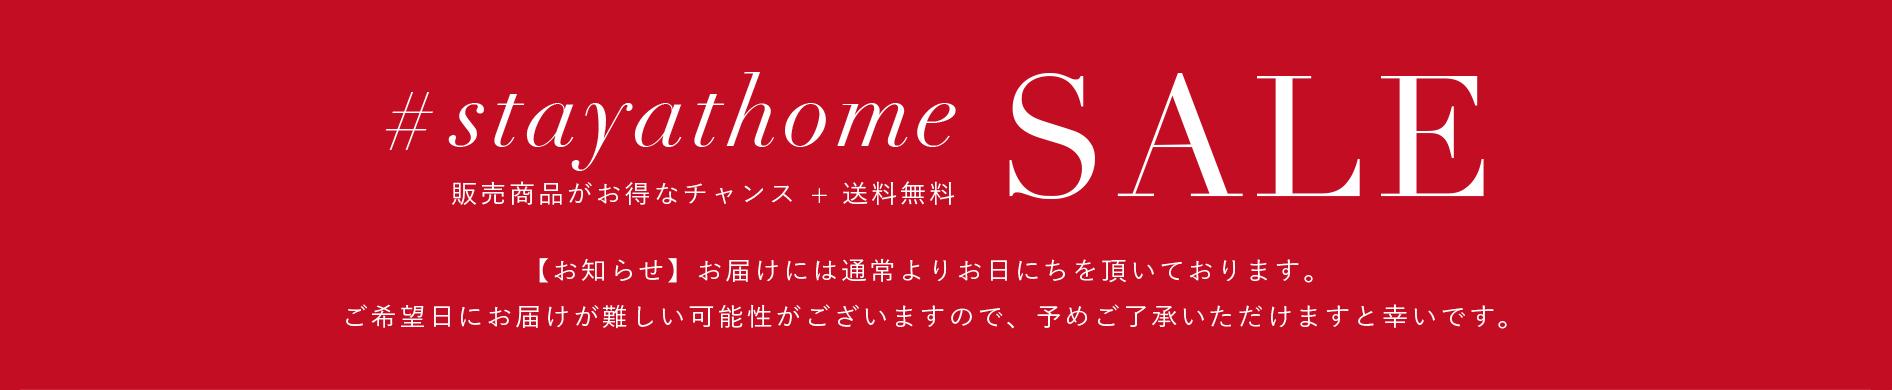 stayathome SALE販売商品がお得なチャンス